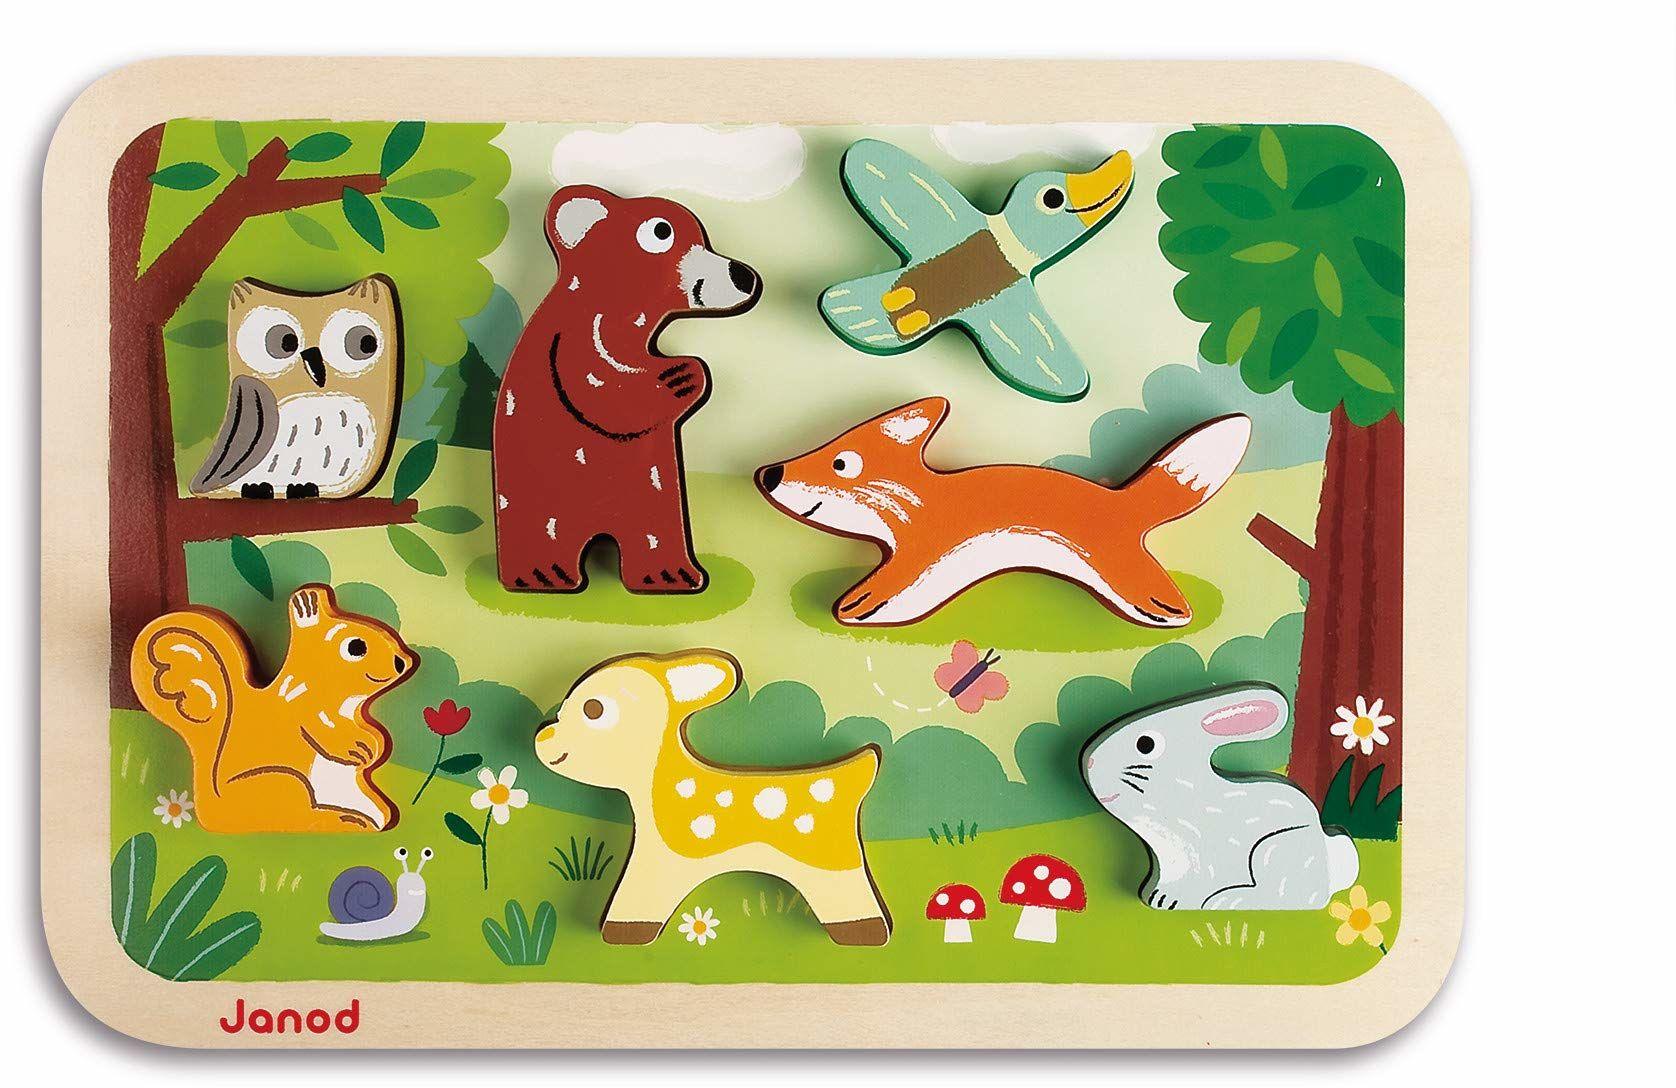 Janod Chunky drewniane puzzle 7 części